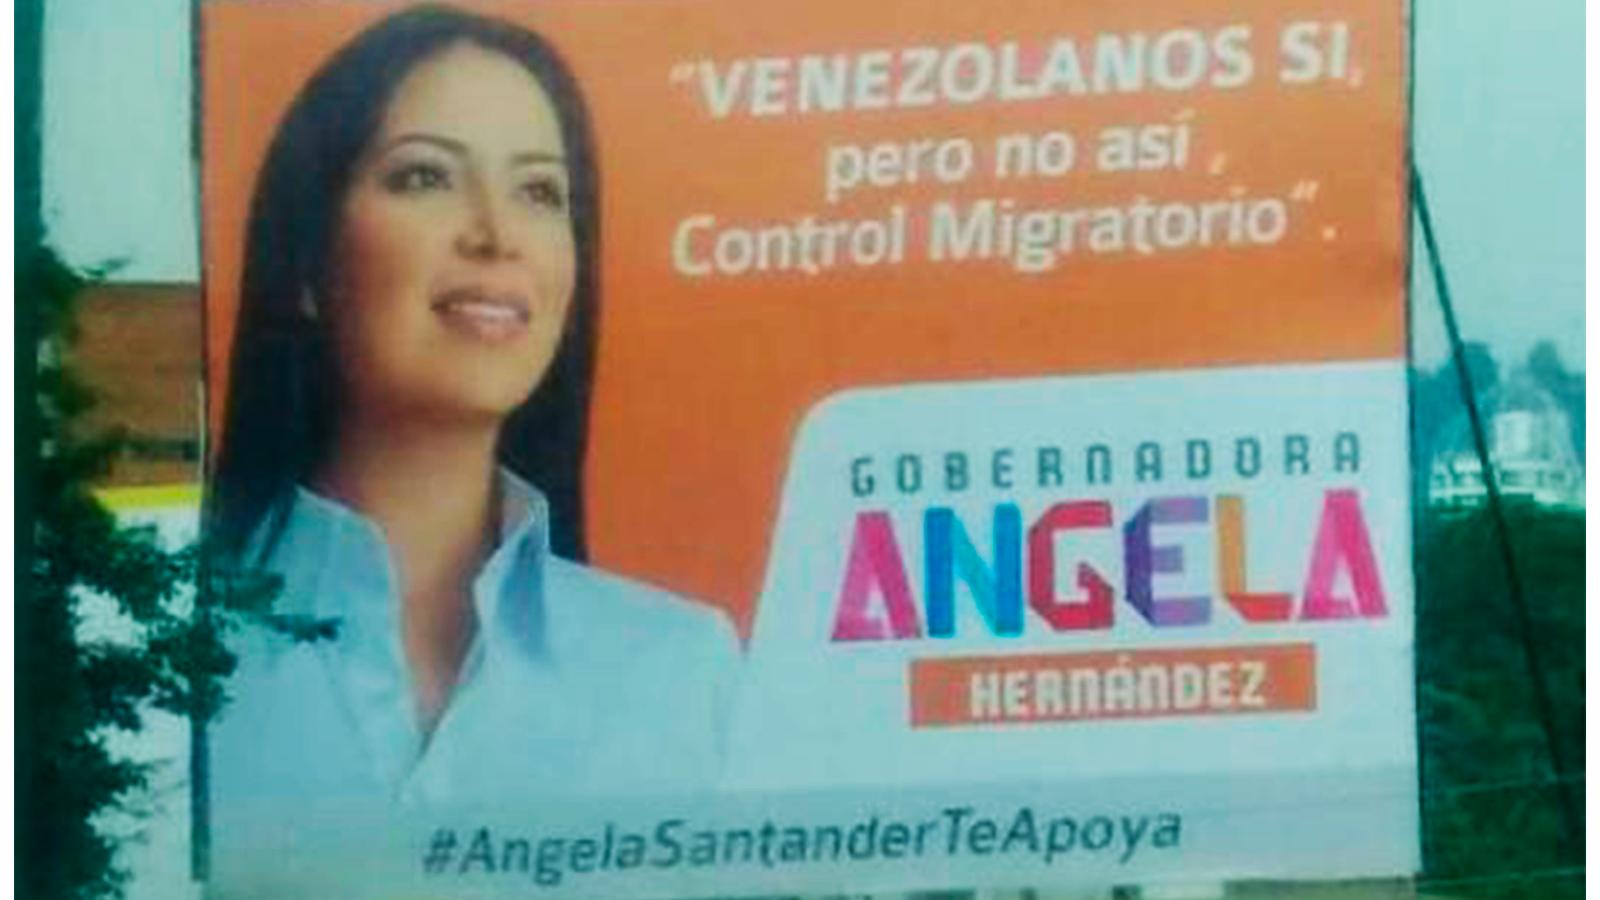 ¿Xenofobia en campaña?: las polémicas vallas de Ángela Hernández en Bucaramanga